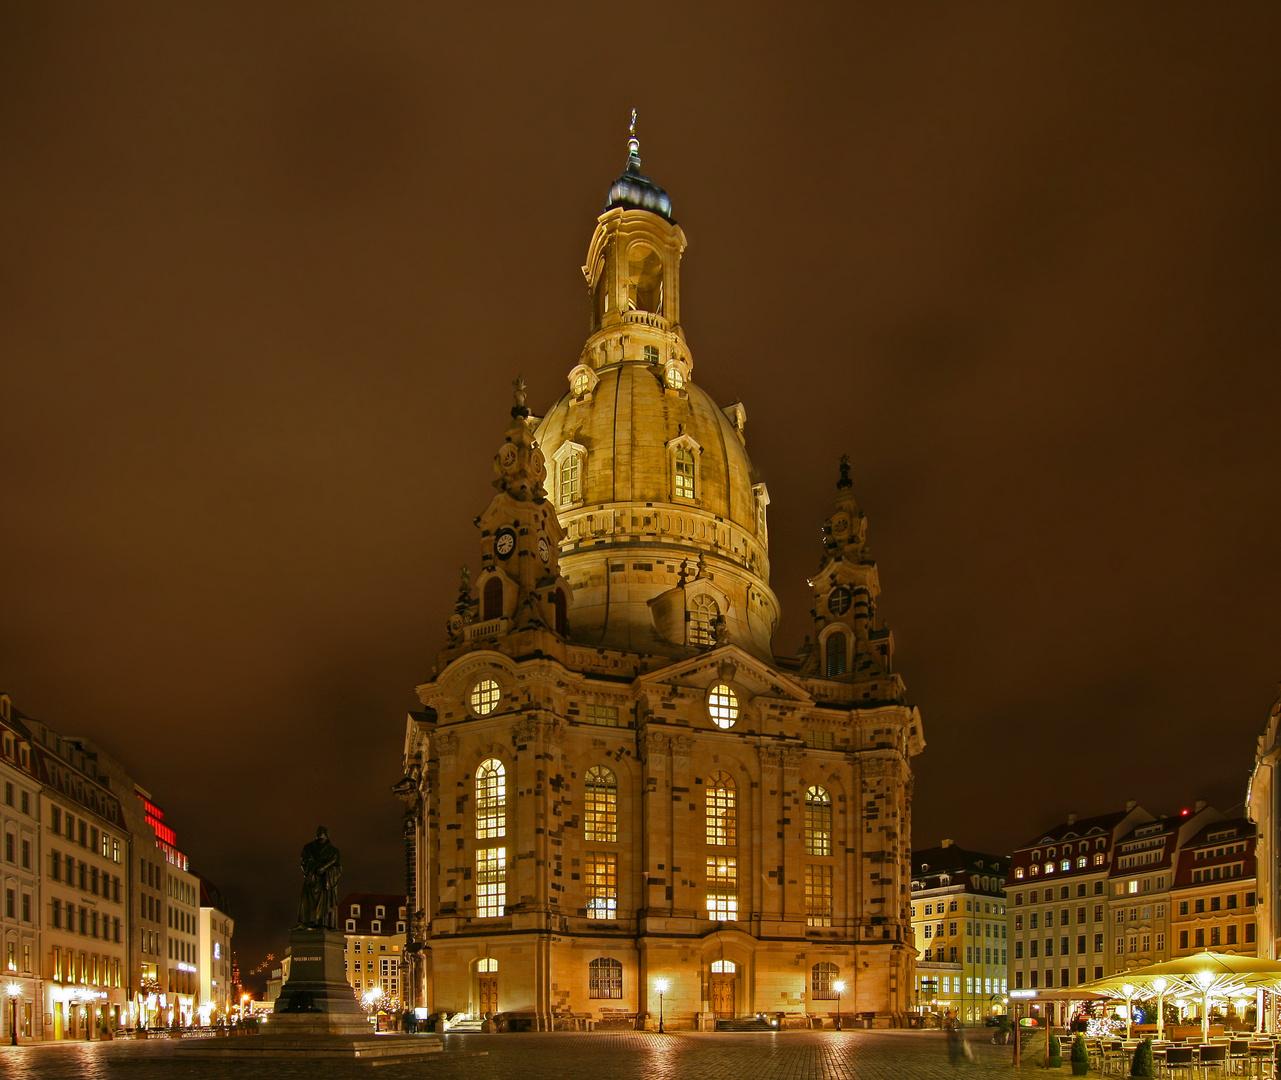 Frauenkirche in Lichterstimmung